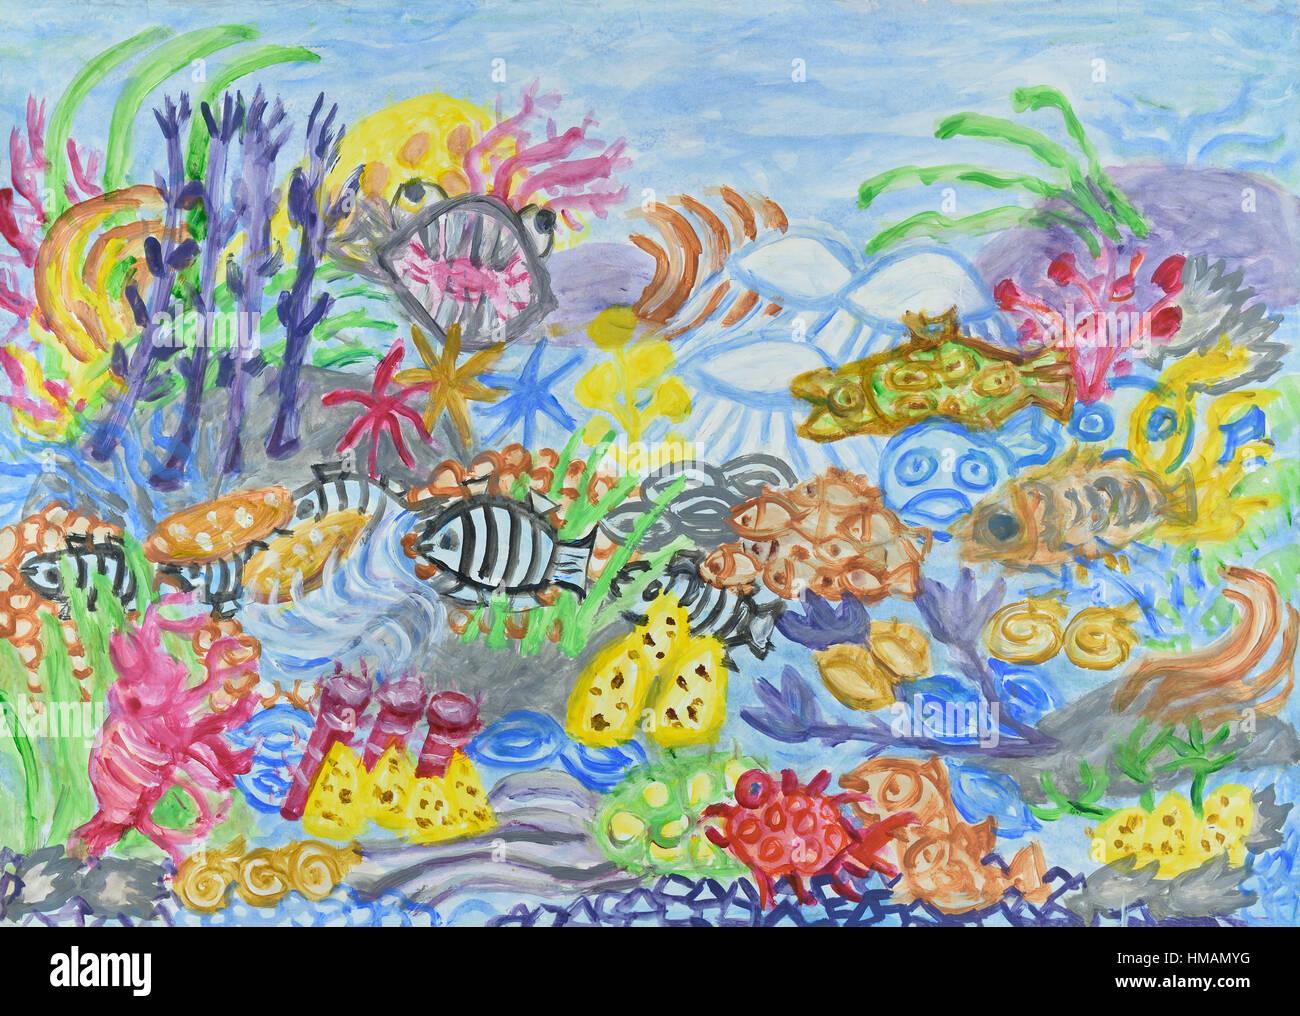 paysage sous-marin avec récif de corail. peinture acrylique